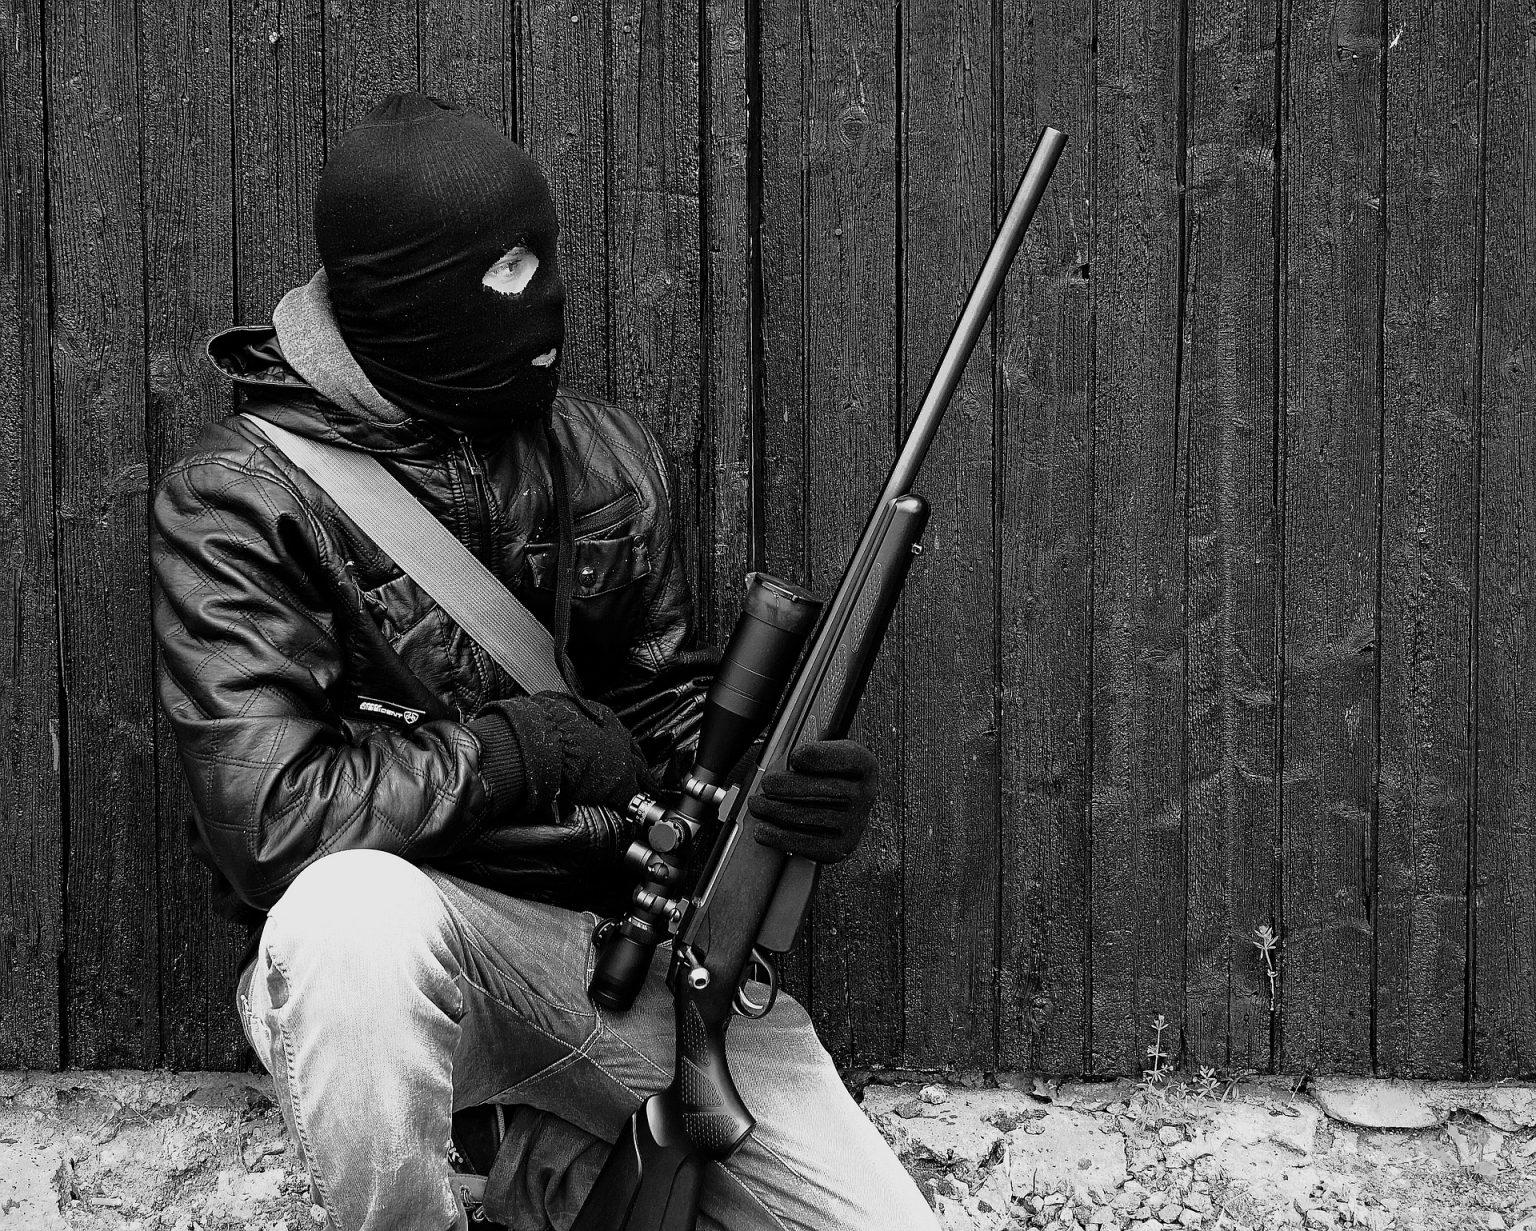 Moçambique: Estado Islâmico volta a reivindicar ataques terroristas